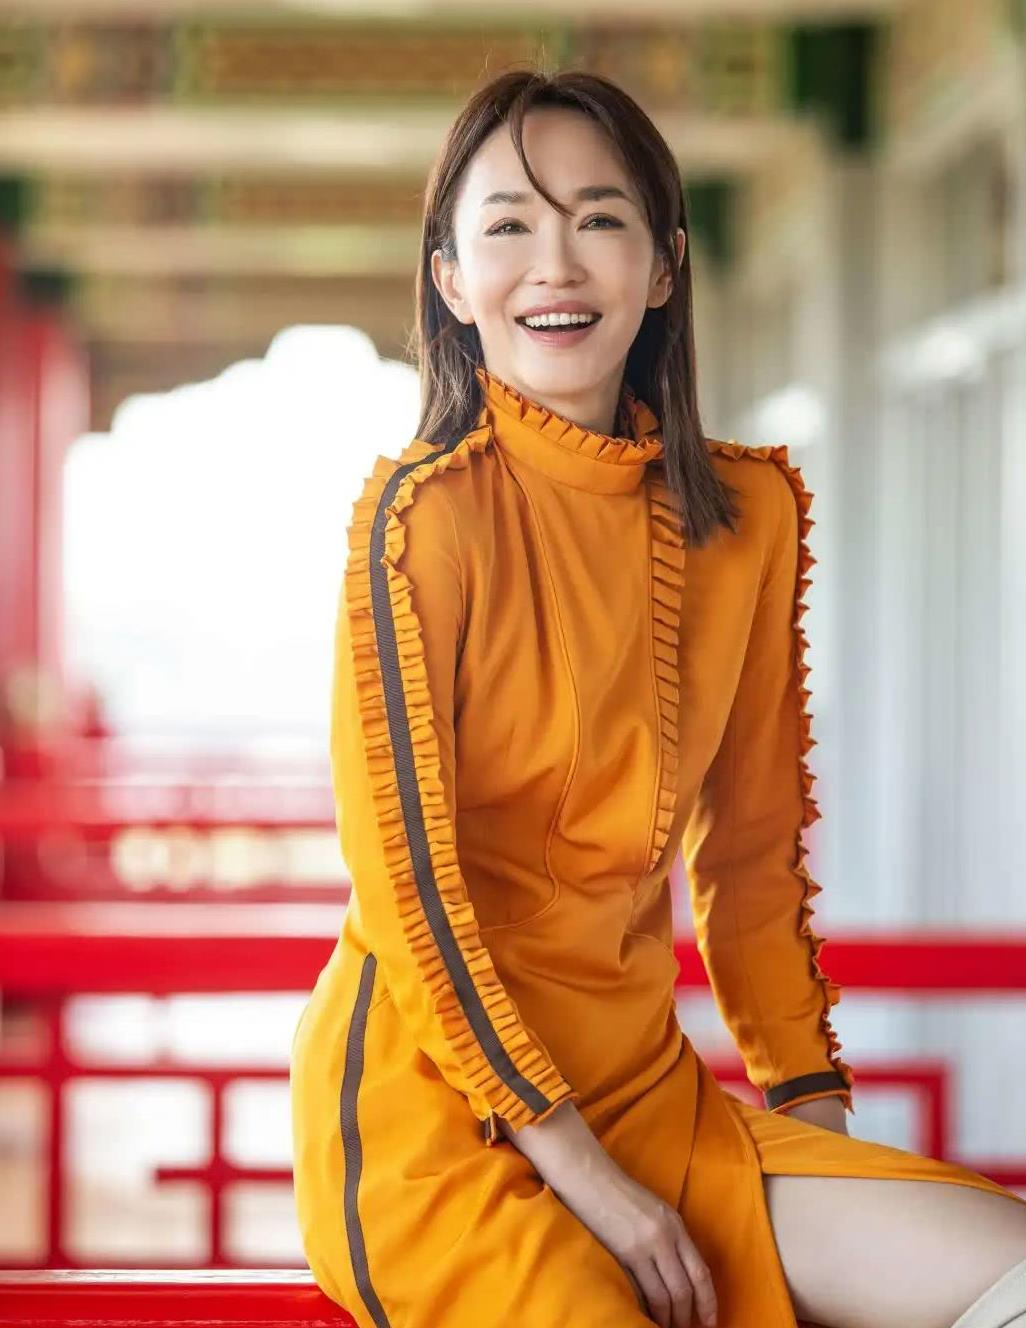 新加坡第一美女晒美照,49岁穿着更大胆,老公李铭顺亲手拍摄